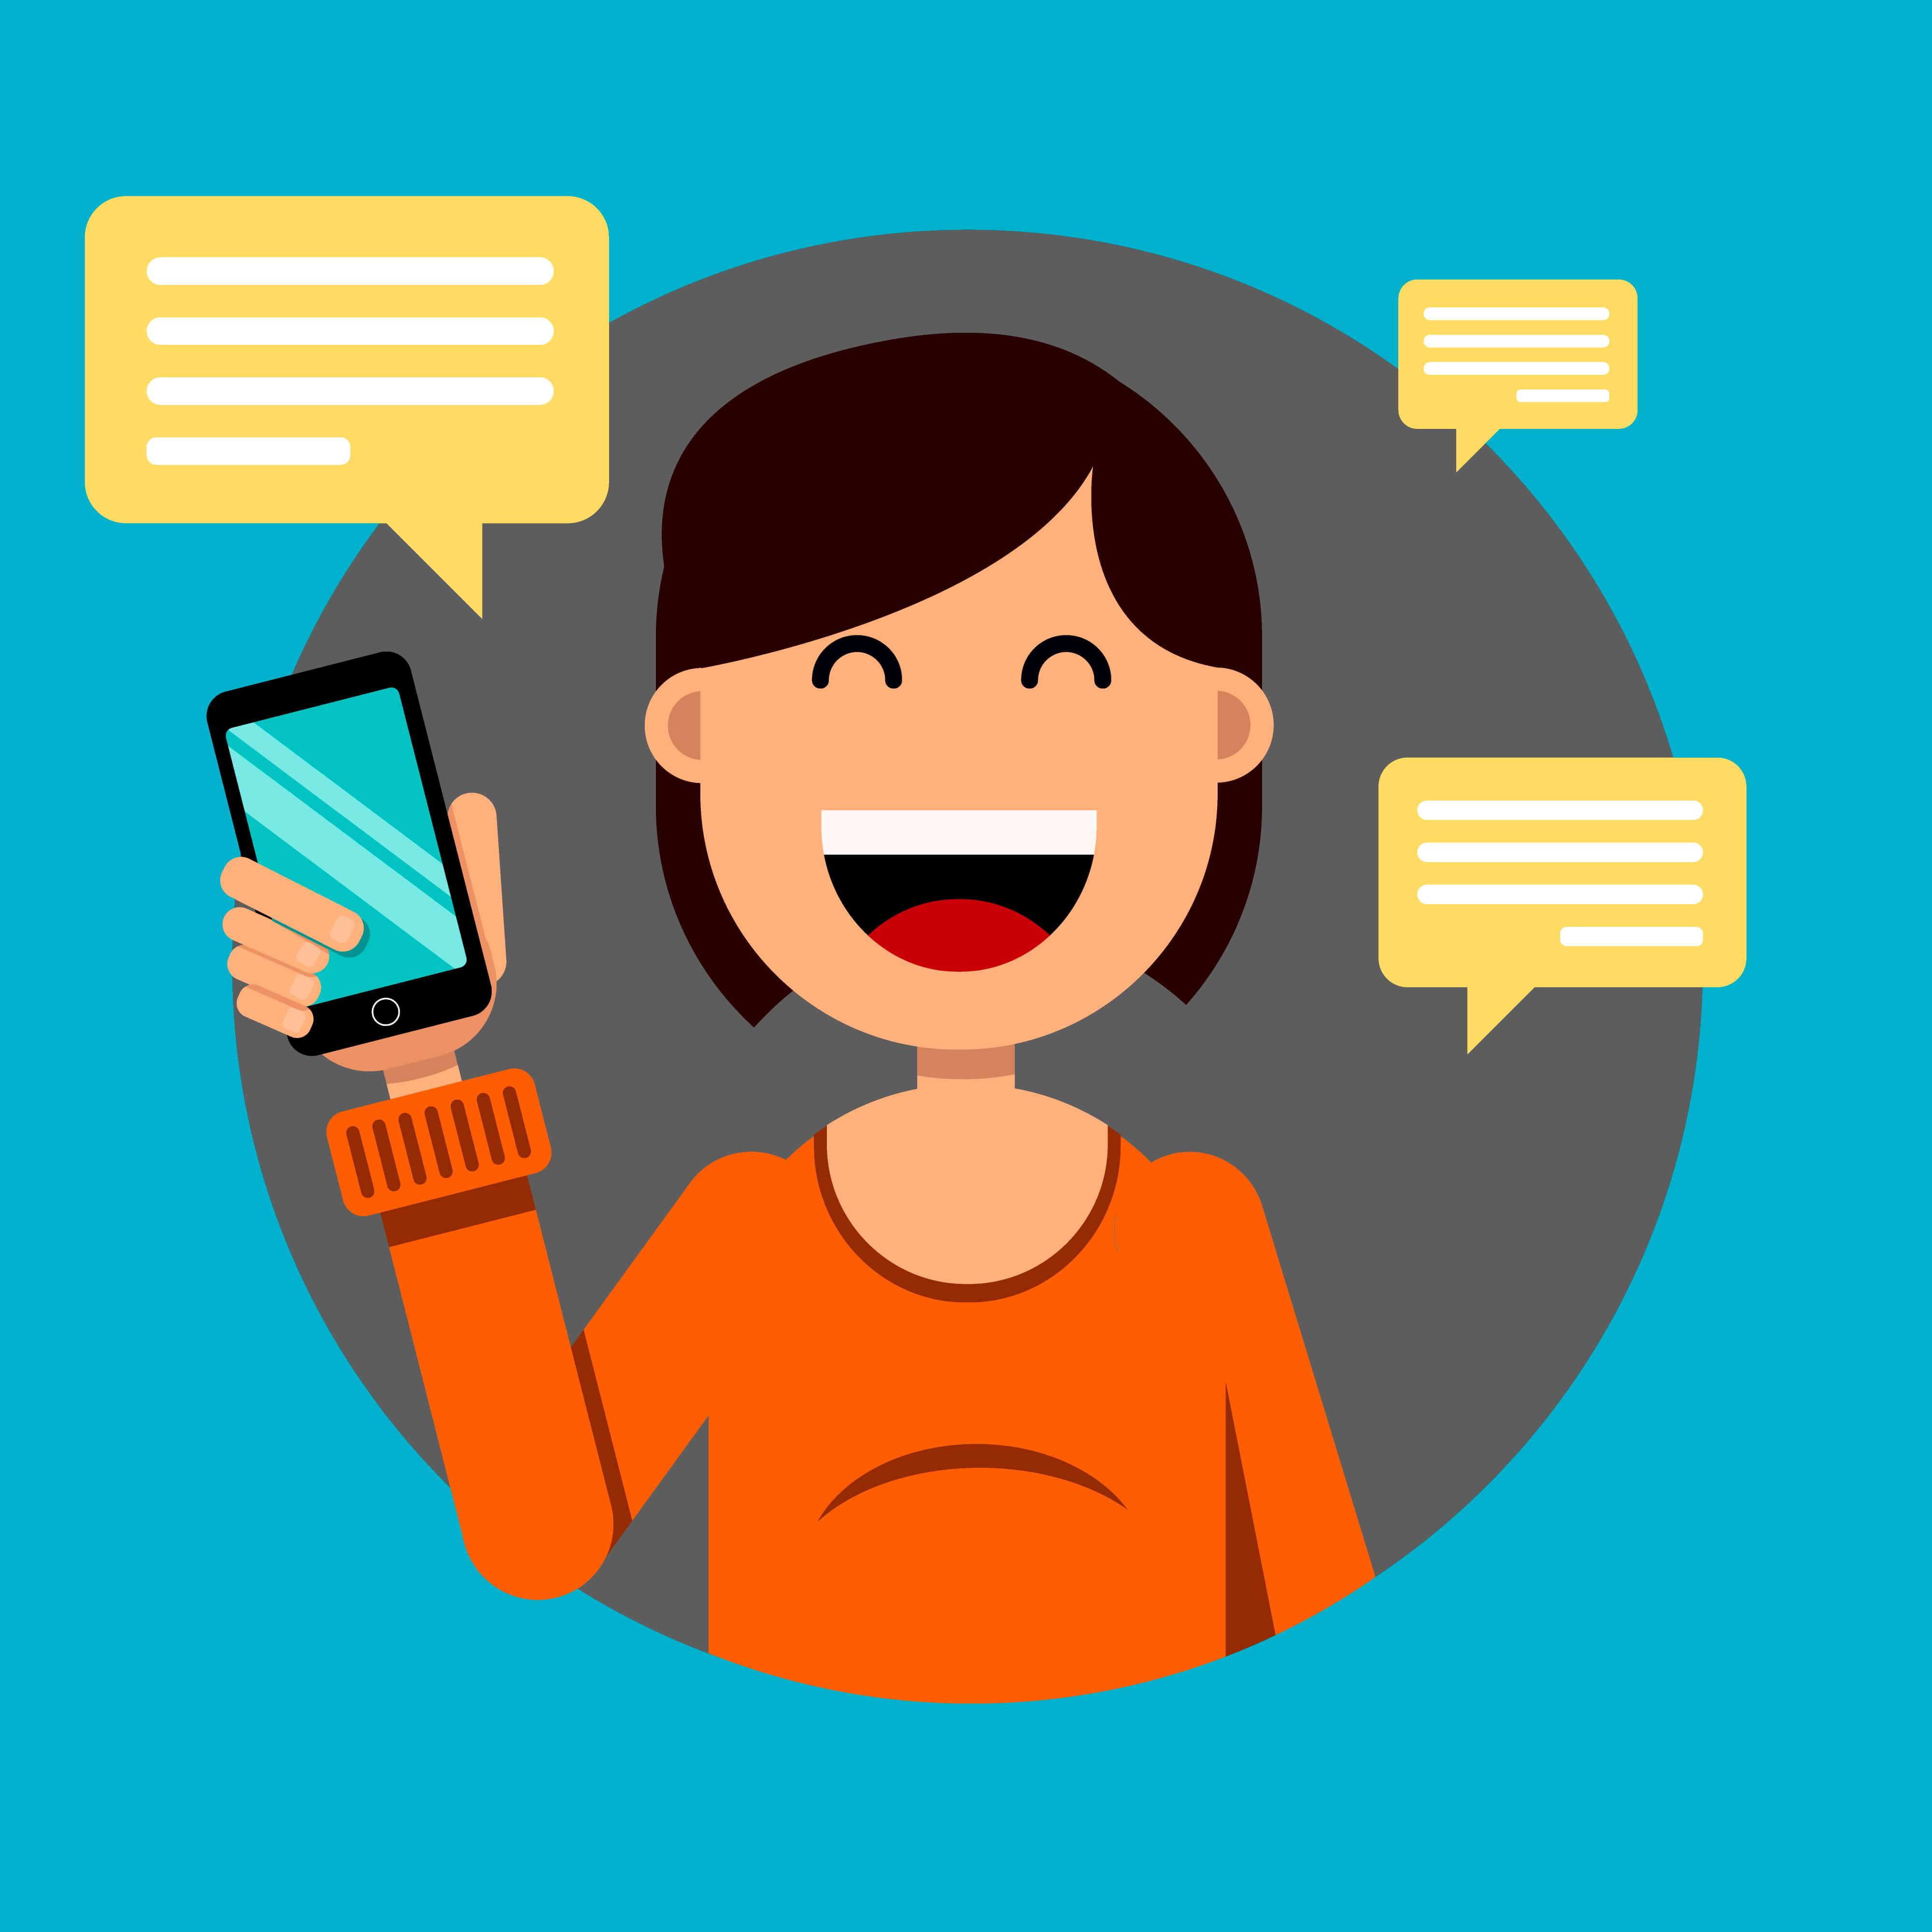 negociacao-de-dividas-x-beneficios-do-uso-de-smss.jpg